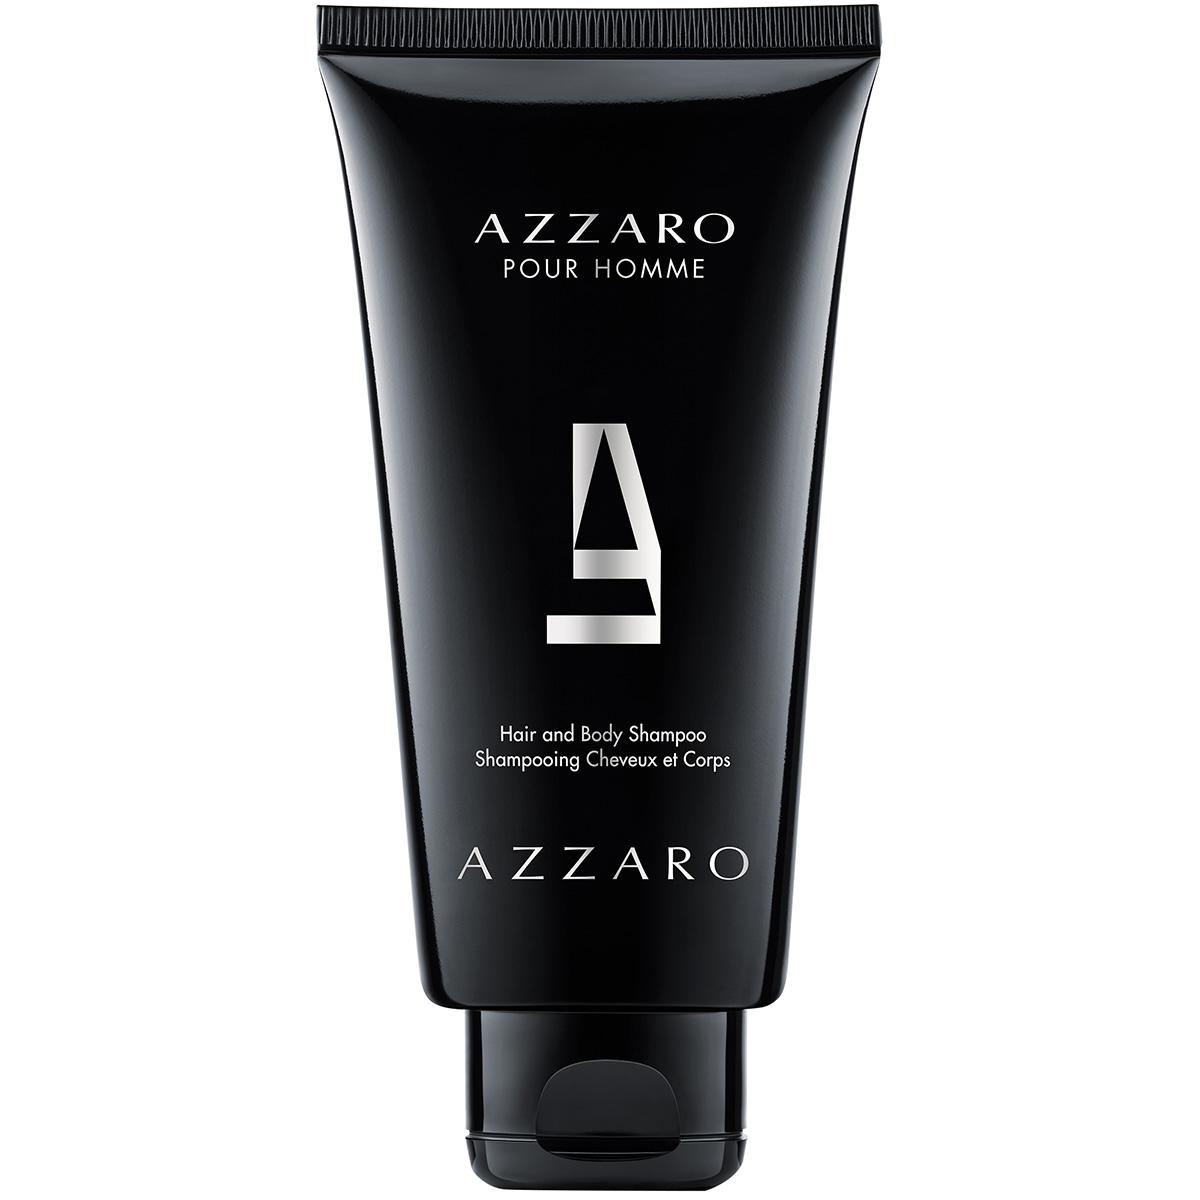 Gel douche Azzaro pour homme - Azzaro